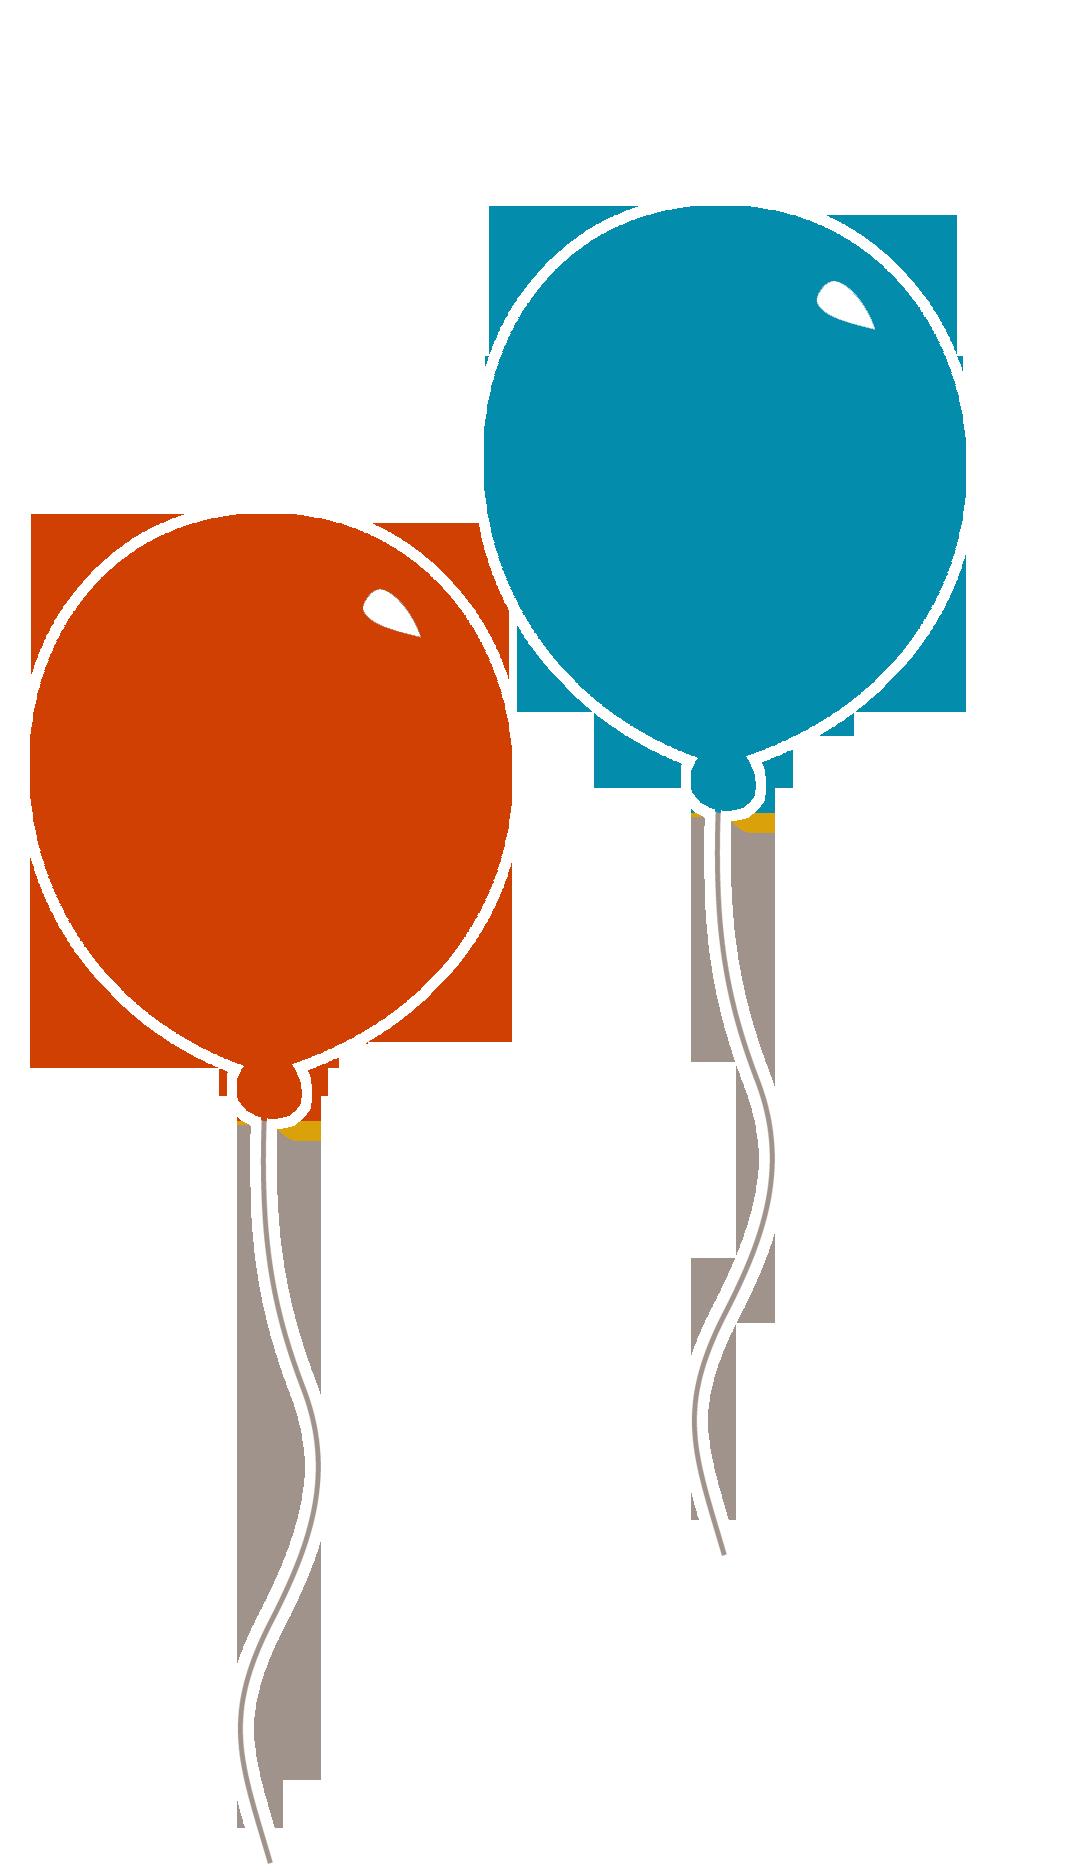 Peach clipart balloon. Red blue clip art